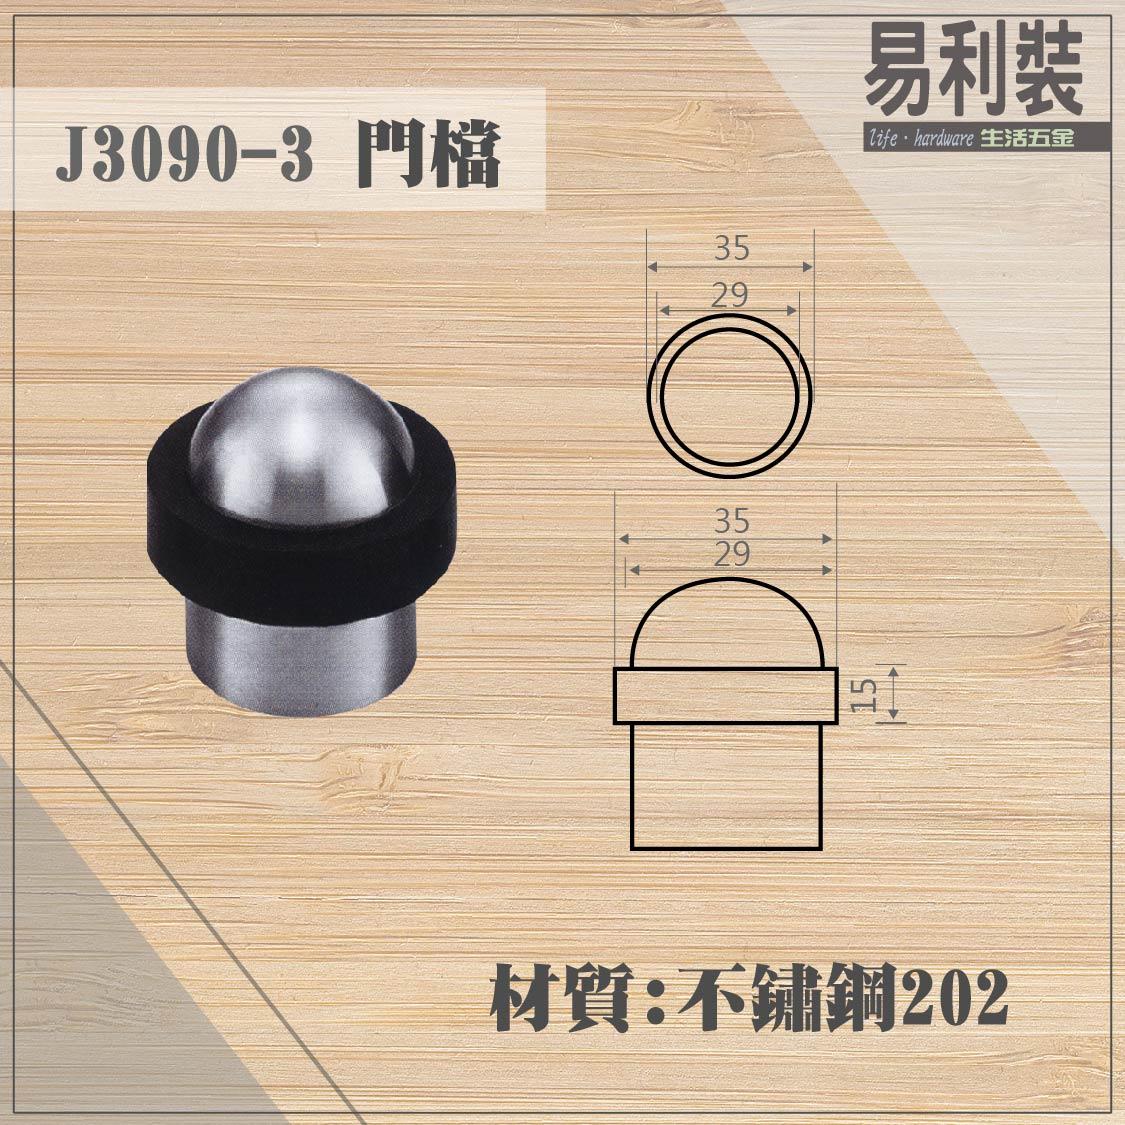 【 EASYCAN  】J3090-3 不鏽鋼門檔 易利裝生活五金 浴室 廚房 房間 臥房 衣櫃 小資族 辦公家具 系統家具 1